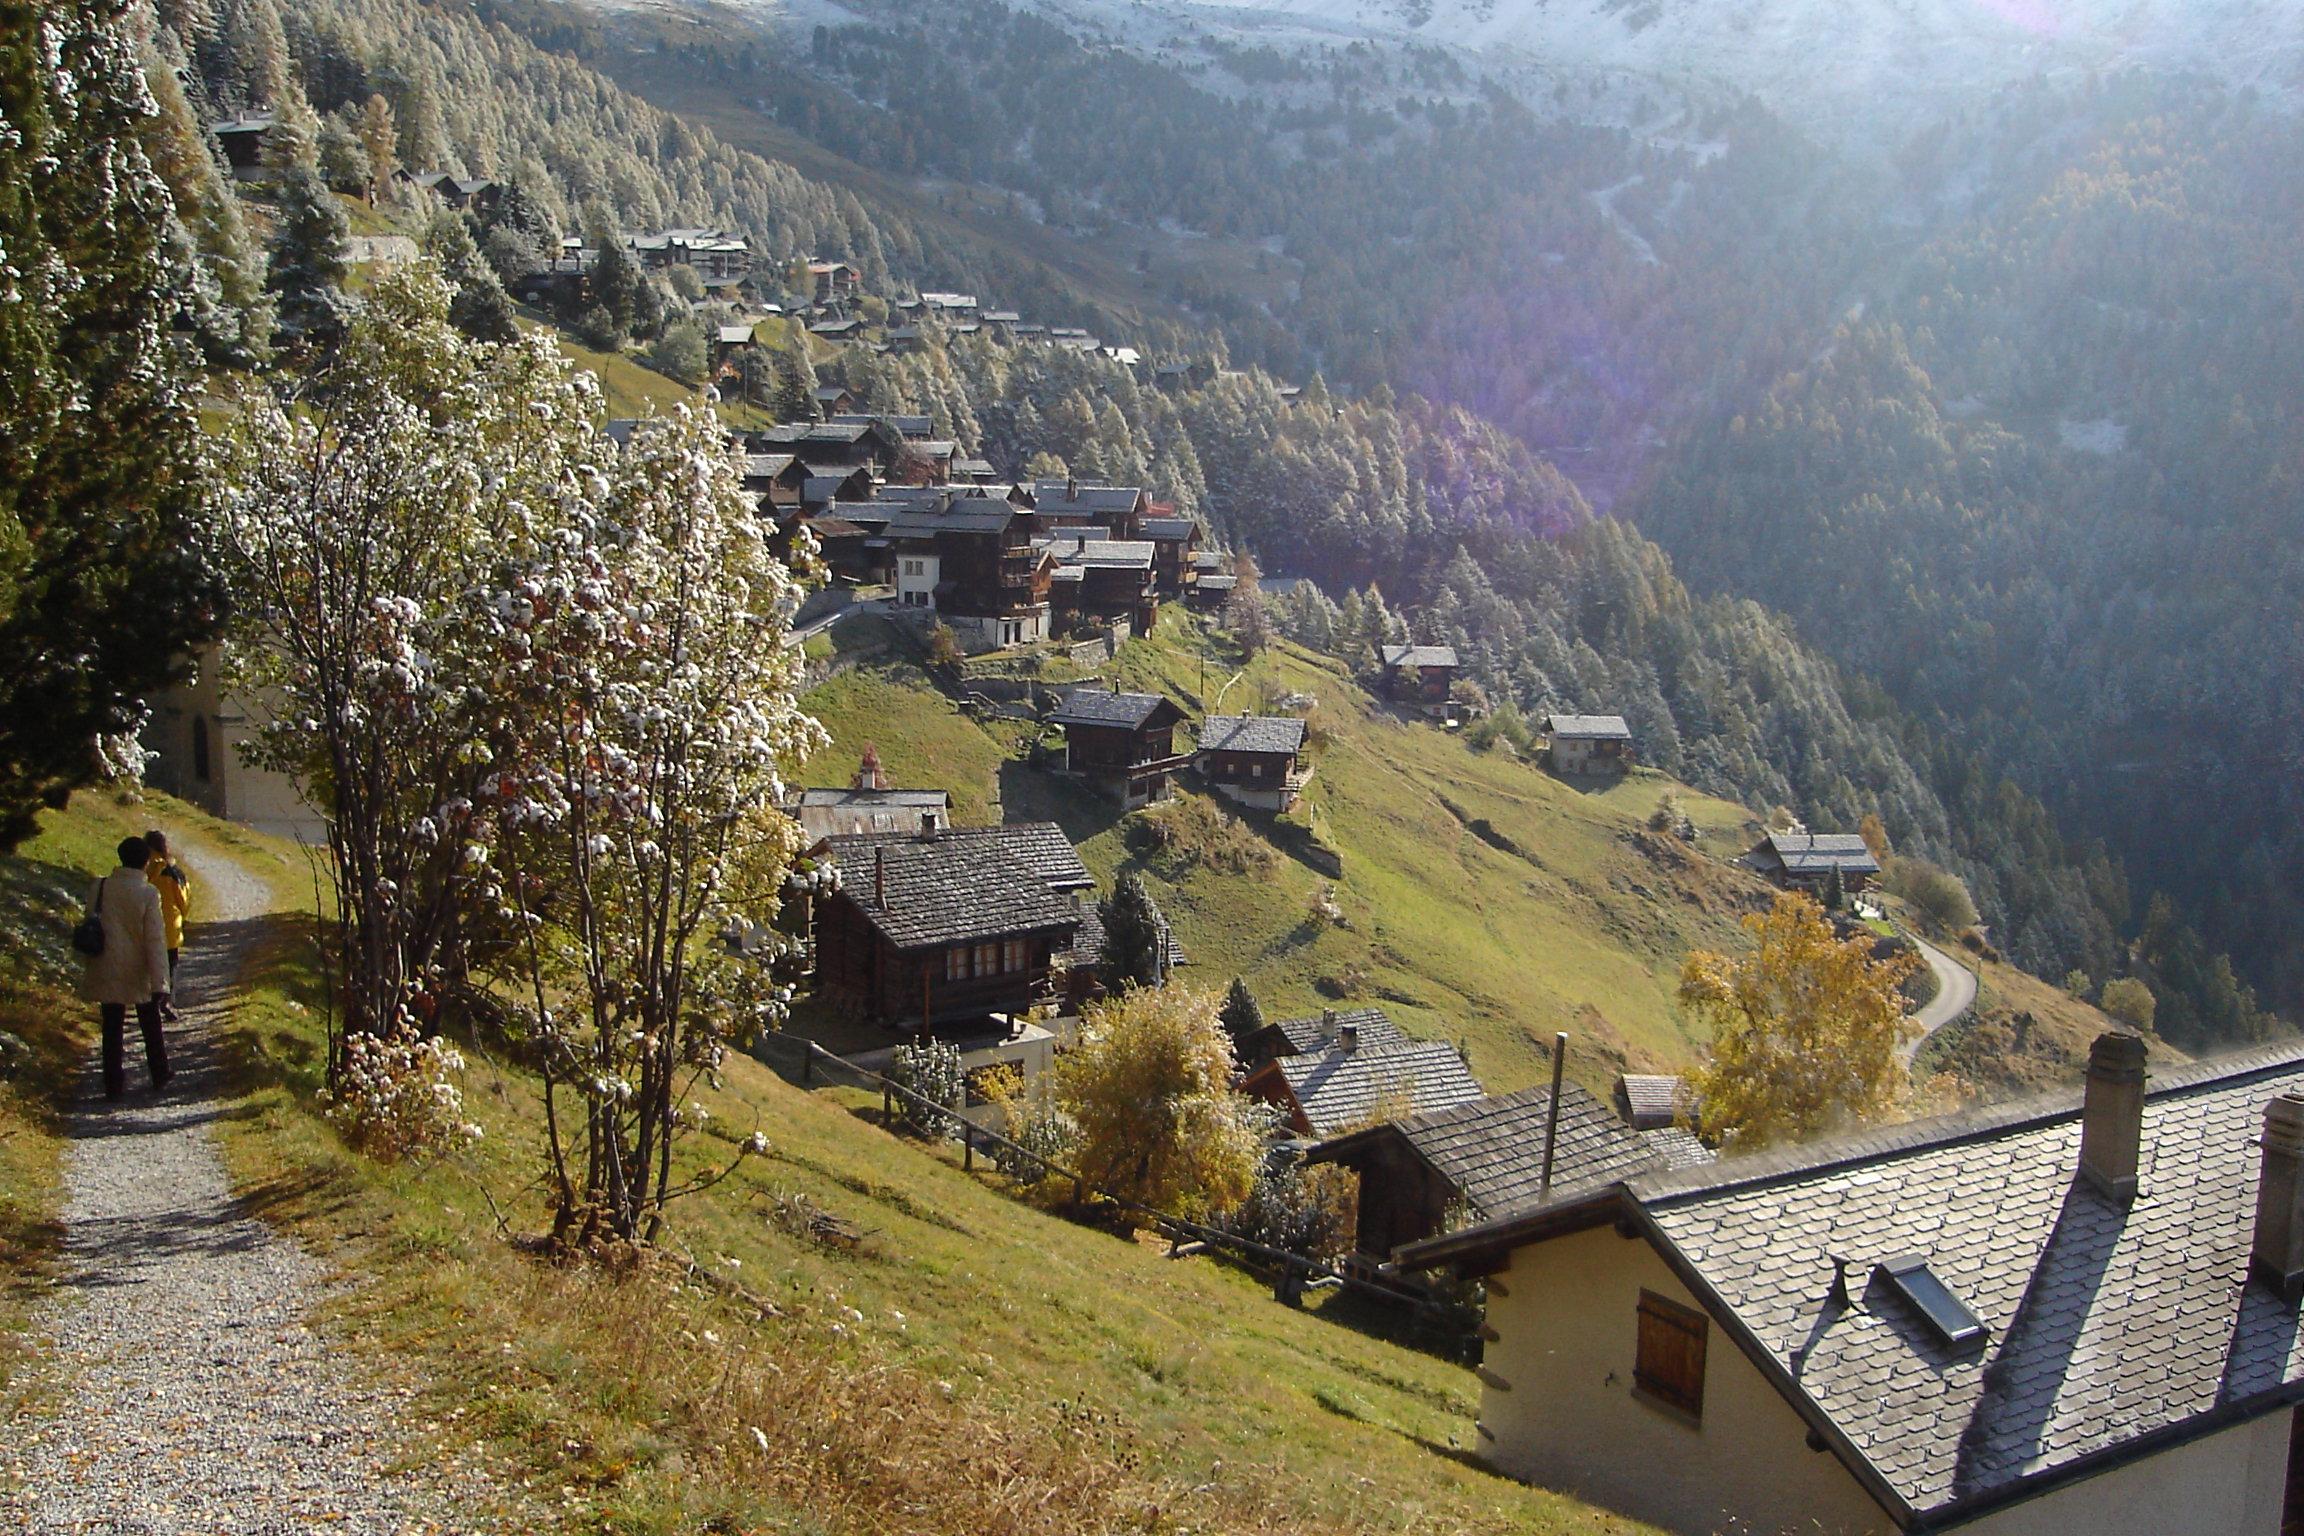 The Village, October 2010, Chandolin